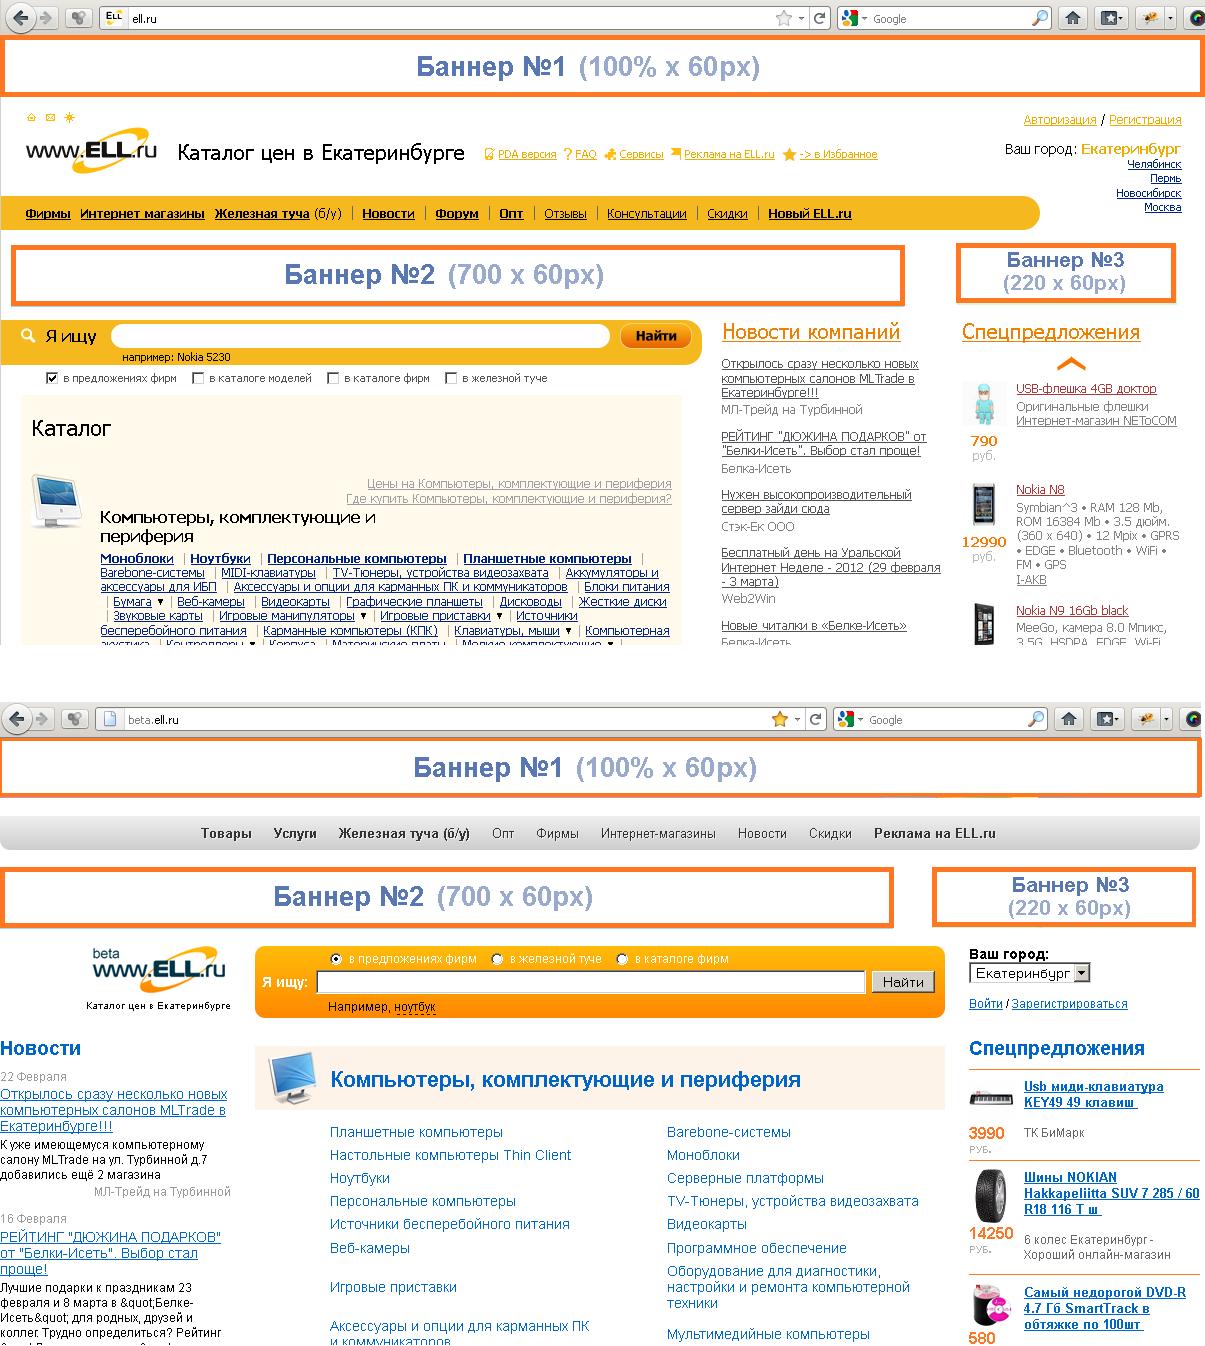 Схема расположения баннеров интернет-каталога цен ELL.ru